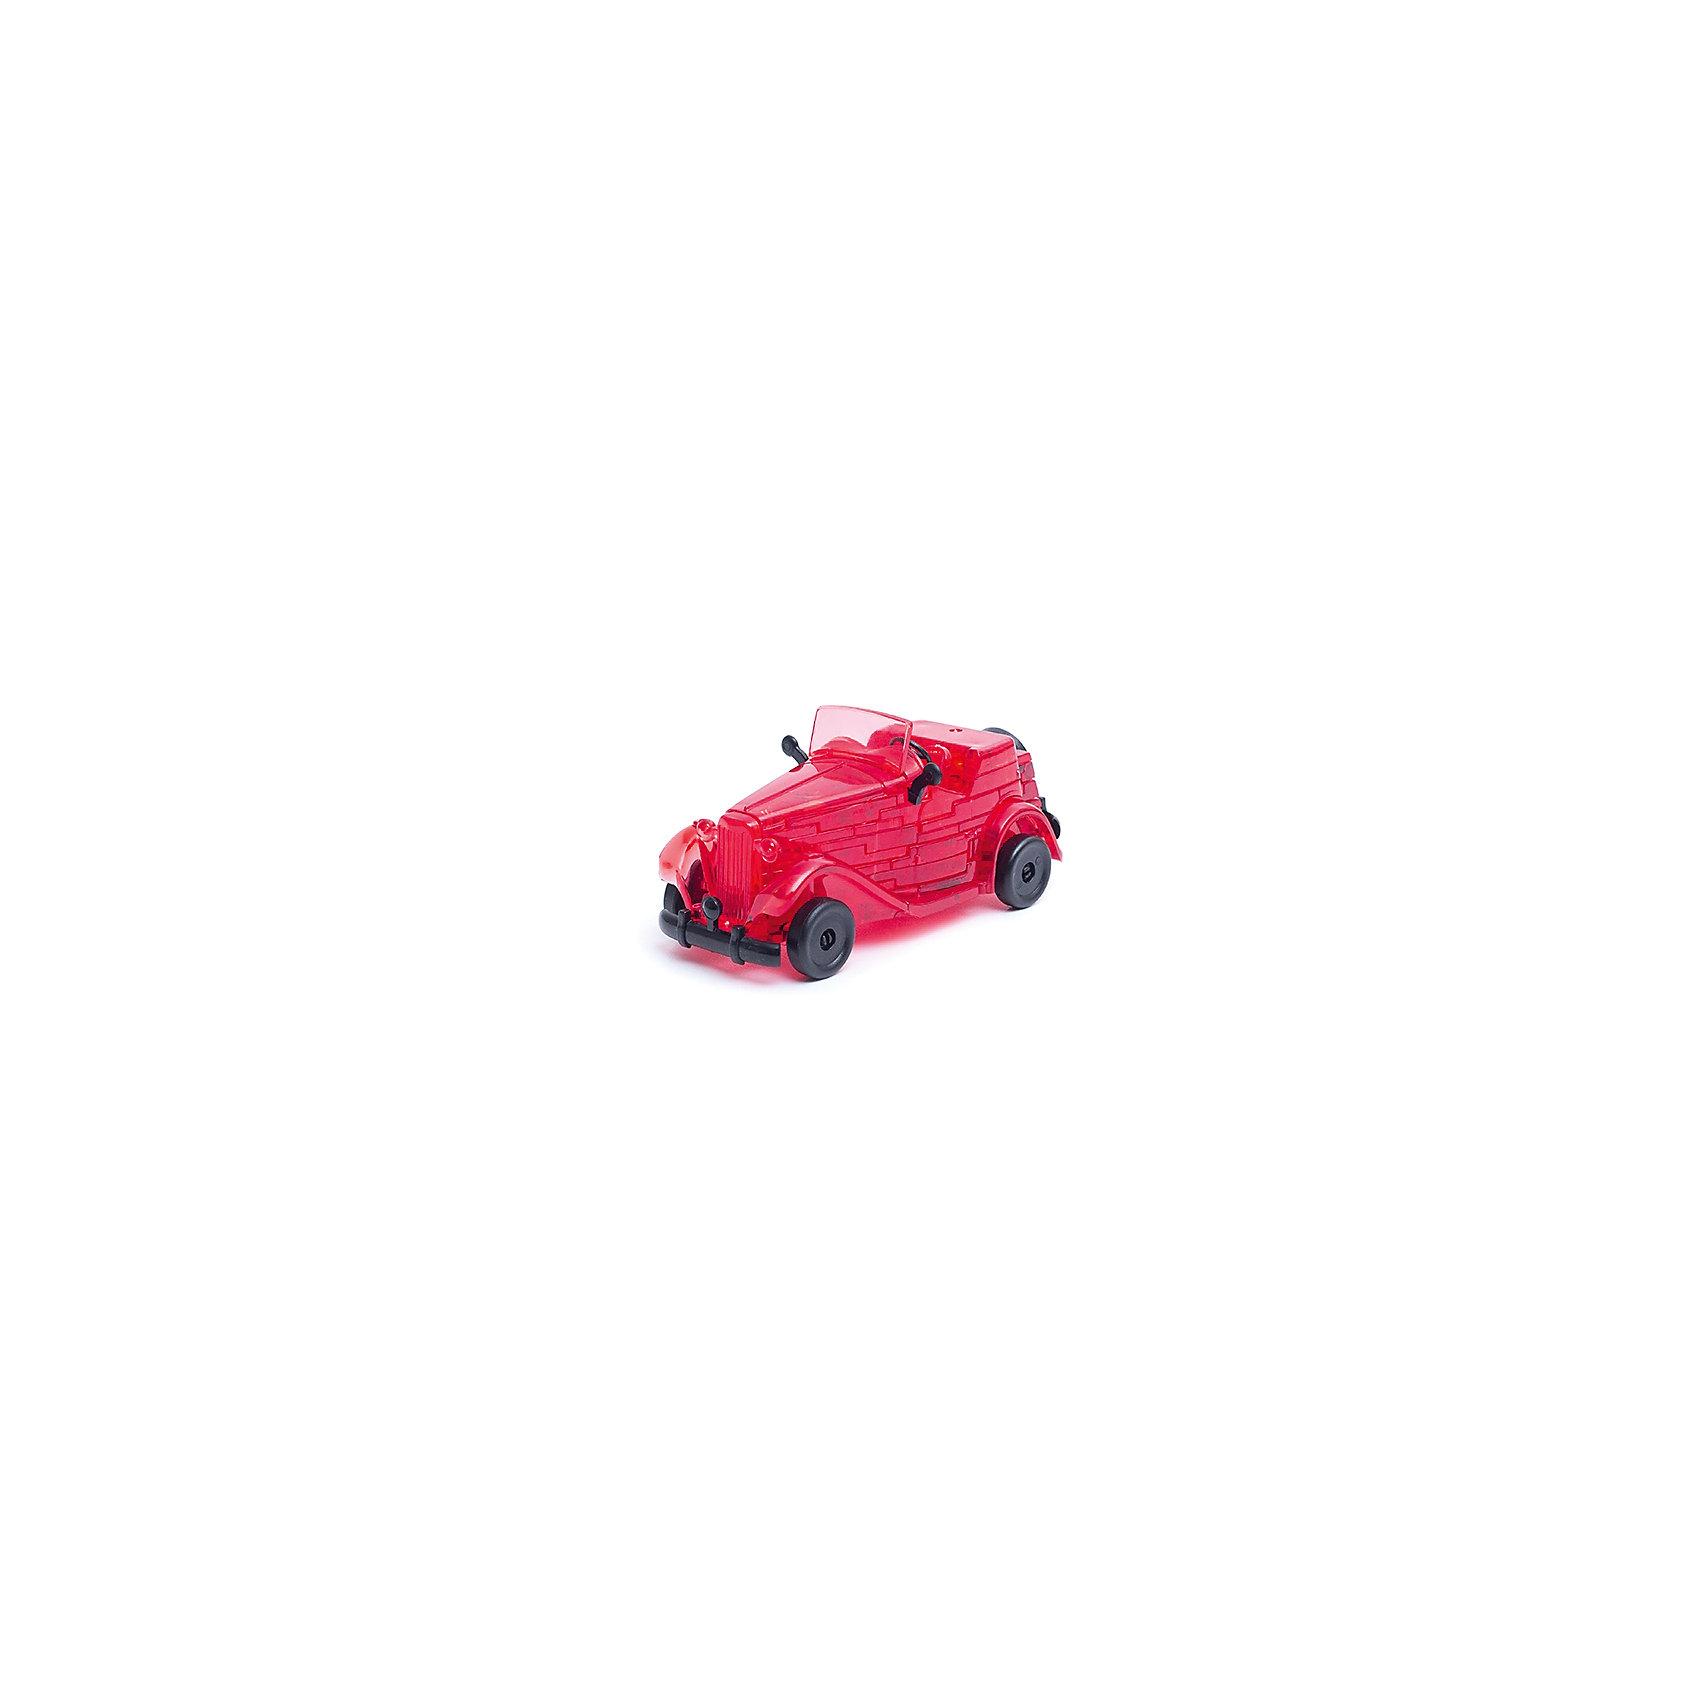 Кристаллический пазл 3D Красный автомобиль, Crystal Puzzle3D пазлы<br>Кристаллический пазл 3D Красный автомобиль, Crystal Puzzle (Кристал Пазл)<br><br>Характеристики:<br><br>• яркий объемный пазл<br>• размер готовой фигурки: 9 см<br>• количество деталей: 53<br>• высокая сложность<br>• размер упаковки: 5х14х10 см<br>• вес: 160 грамм<br>• материал: пластик<br><br>Кристаллический пазл 3D Красный автомобиль от Crystal Puzzle - очень увлекательная головоломка. Вам обязательно придется поломать голову, чтобы собрать сверкающий ретро-автомобиль. В комплект входят 53 детали, в том числе мелкие. Детали пронумерованы, а их номера нужны для правильной сборки по инструкции. Любители сложных головоломок могут попробовать собрать фигурку, не прибегая к помощи инструкции. Готовый автомобиль станет прекрасным украшением комнаты или приятным сувениром для друзей.<br>Собирание пазлов способствует развитию логического мышления, внимательности, усидчивости и пространственного мышления.<br><br>Кристаллический пазл 3D Красный автомобиль, Crystal Puzzle (Кристал Пазл) вы можете купить в нашем интернет-магазине.<br><br>Ширина мм: 100<br>Глубина мм: 140<br>Высота мм: 50<br>Вес г: 160<br>Возраст от месяцев: 120<br>Возраст до месяцев: 2147483647<br>Пол: Мужской<br>Возраст: Детский<br>SKU: 5397230